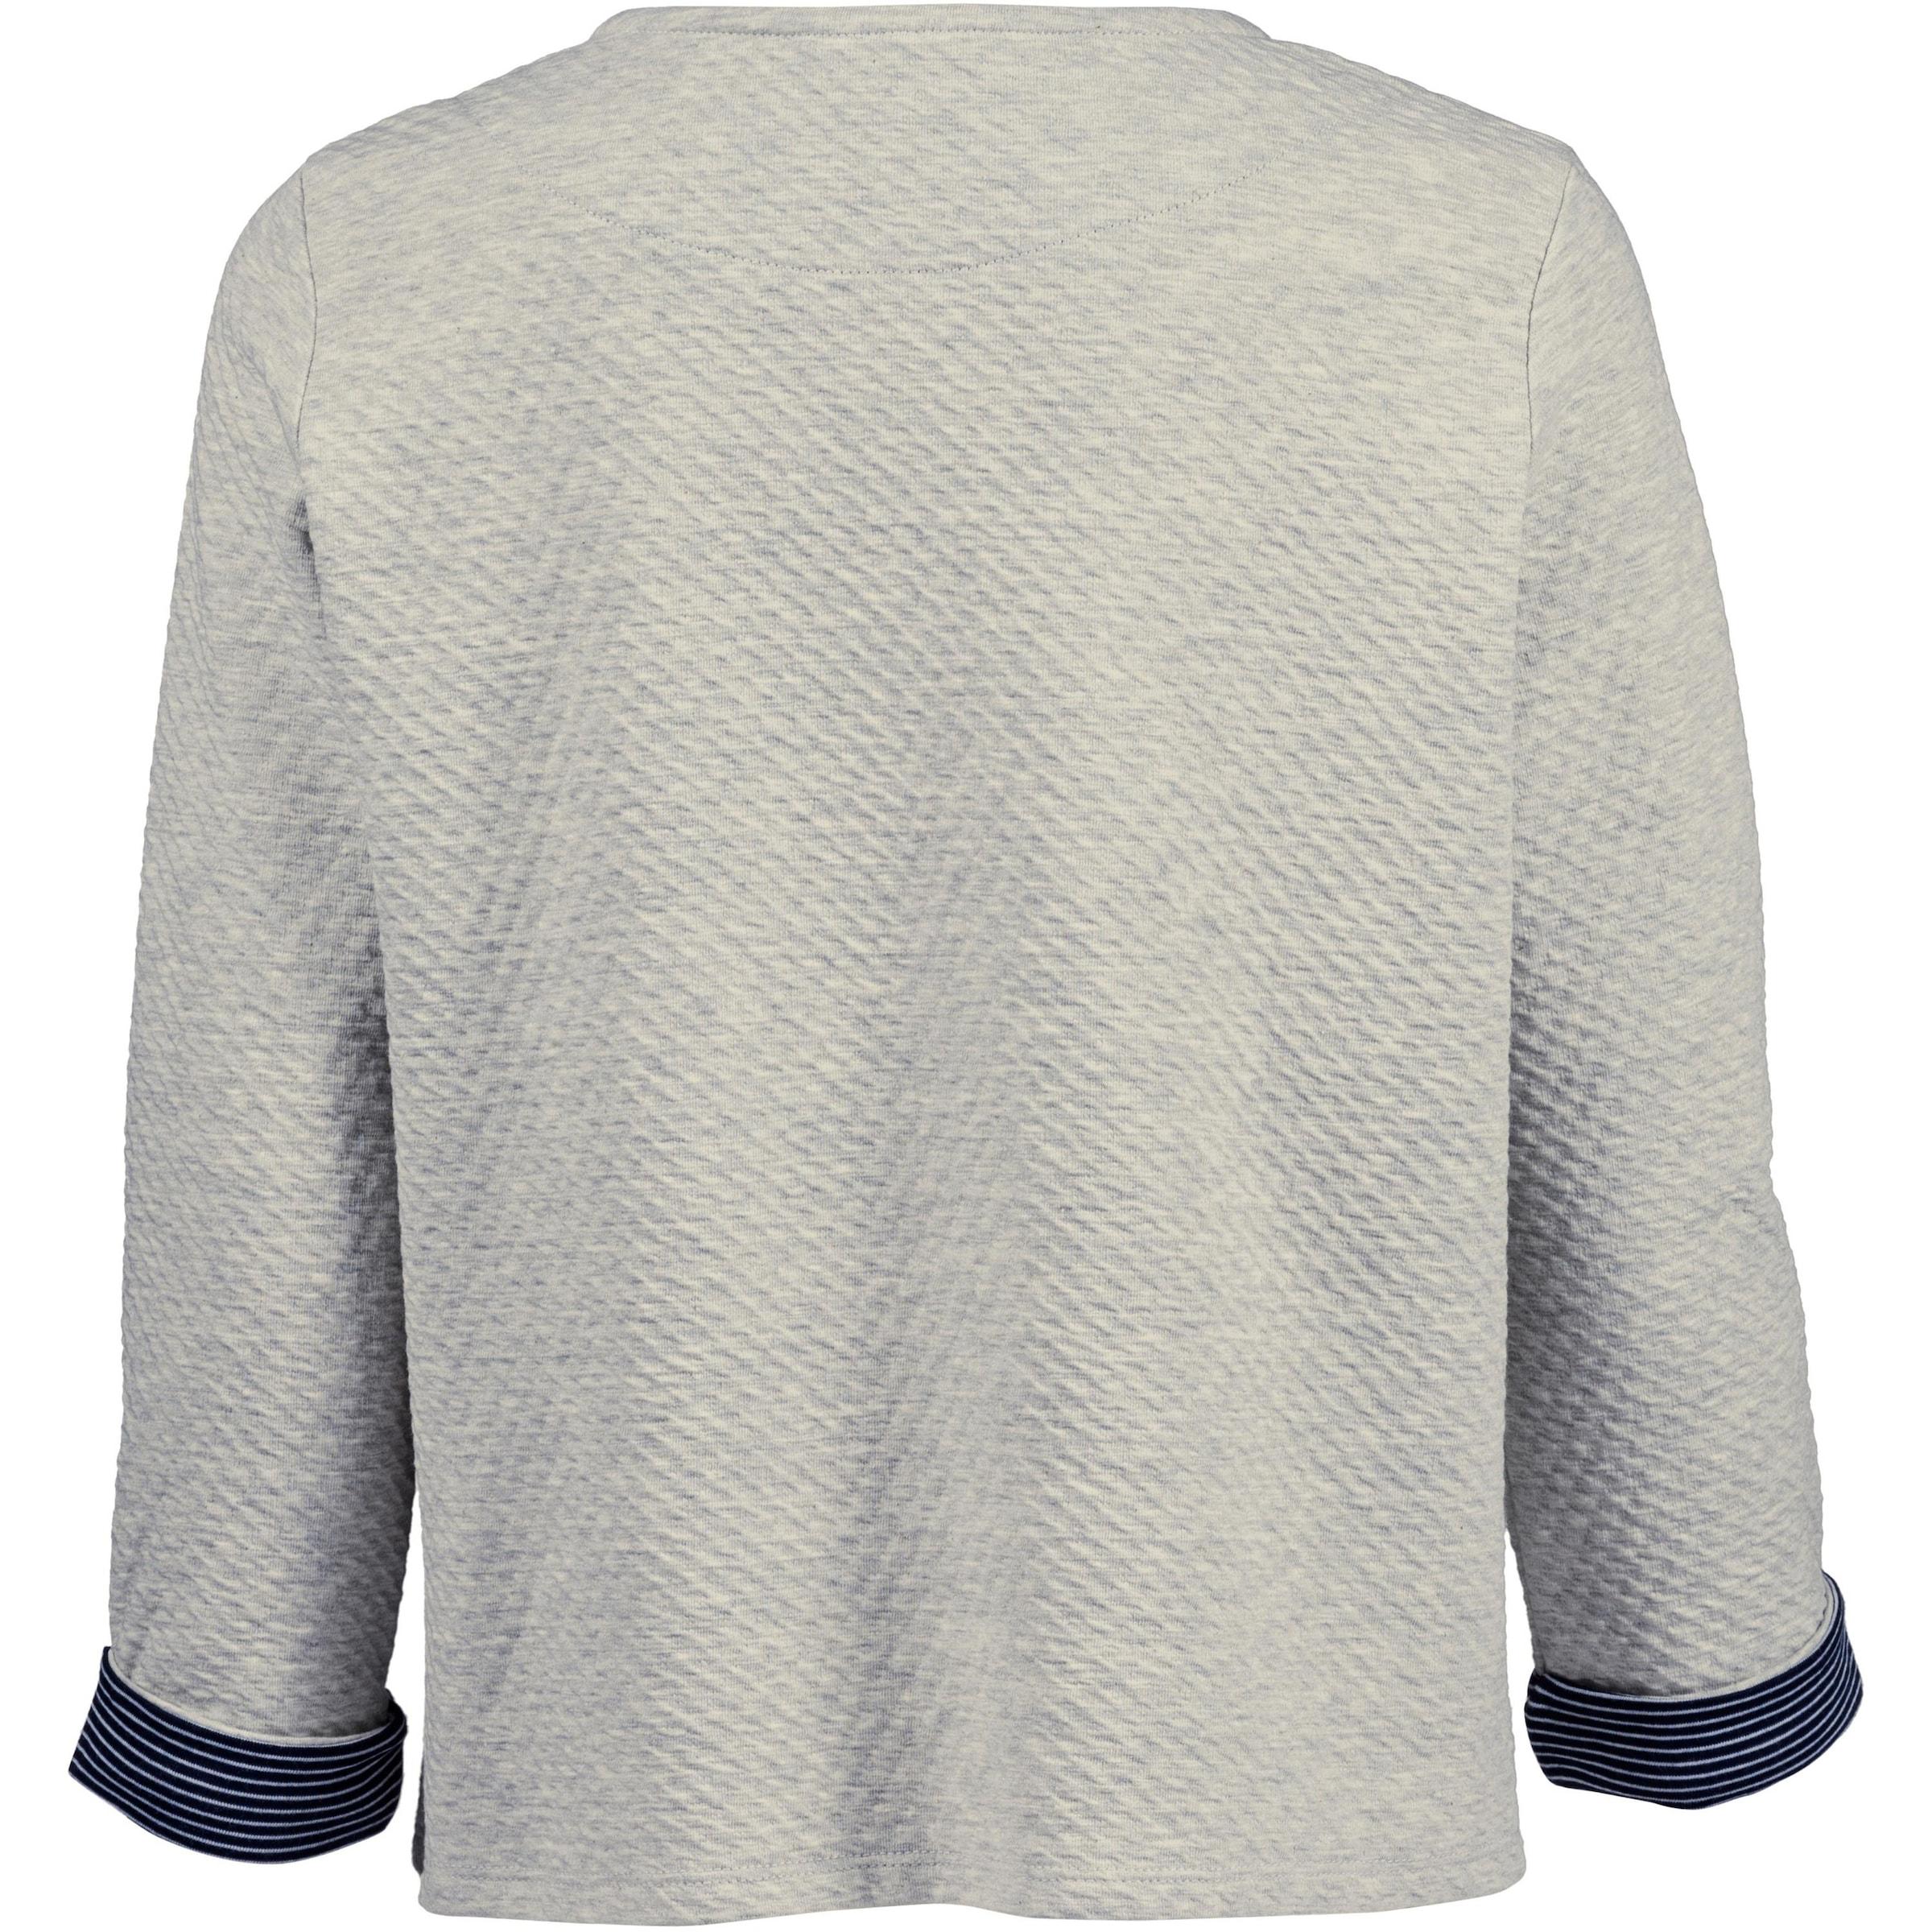 Günstig Kaufen TOM TAILOR Sweatshirt Damen Marktfähig  Wie Viel Gute Qualität A8kpW